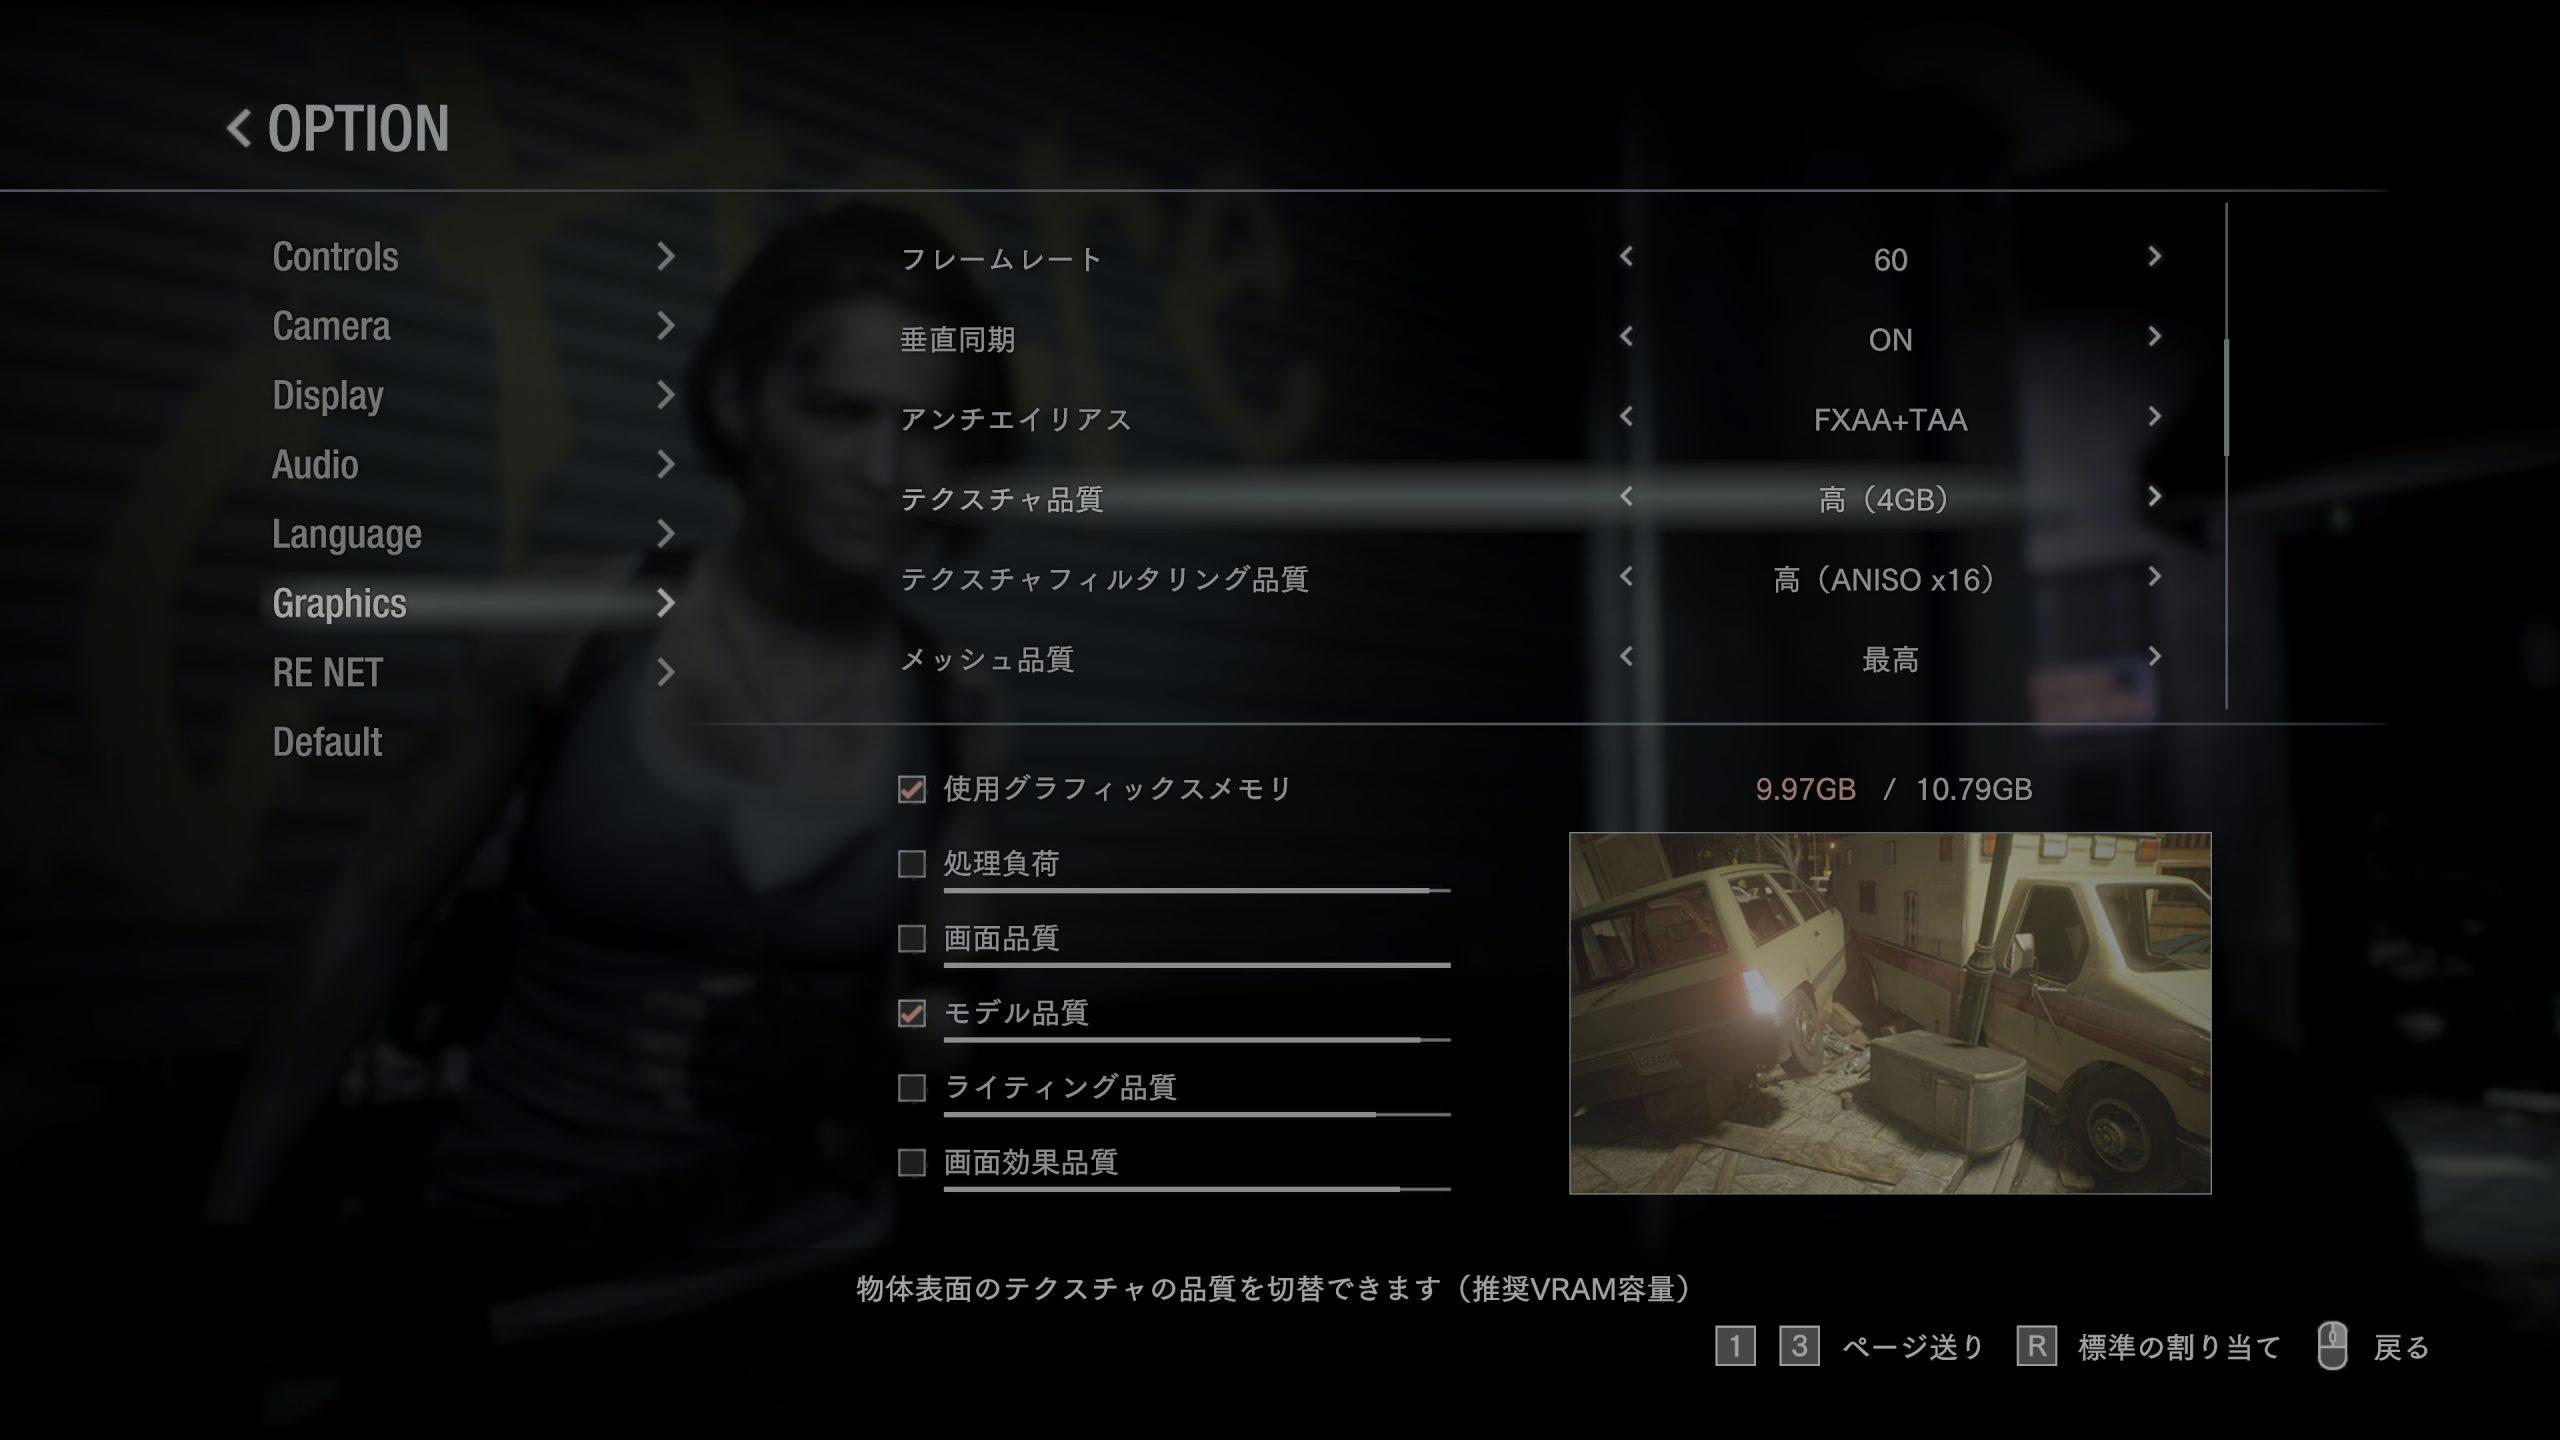 8KUmNBl scaled - バイオ3リメイク、PS4proの大幅な劣化が判明する